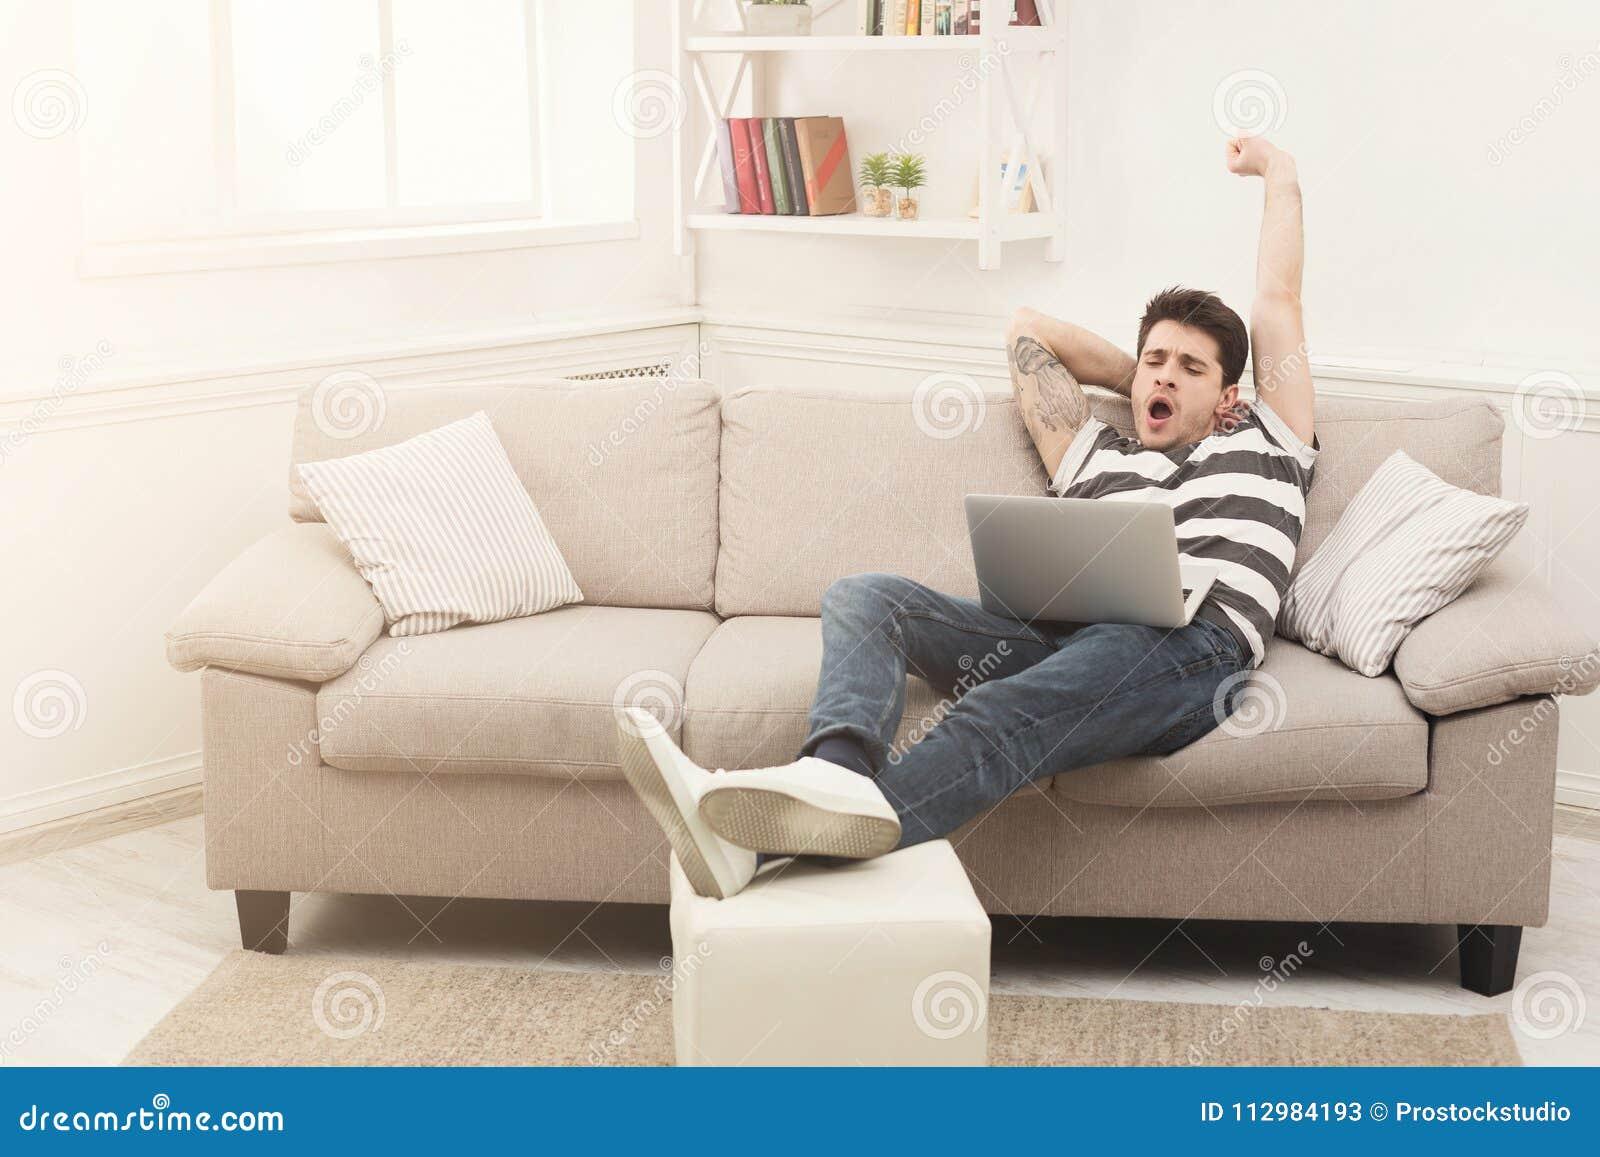 Yawning man using laptop at home